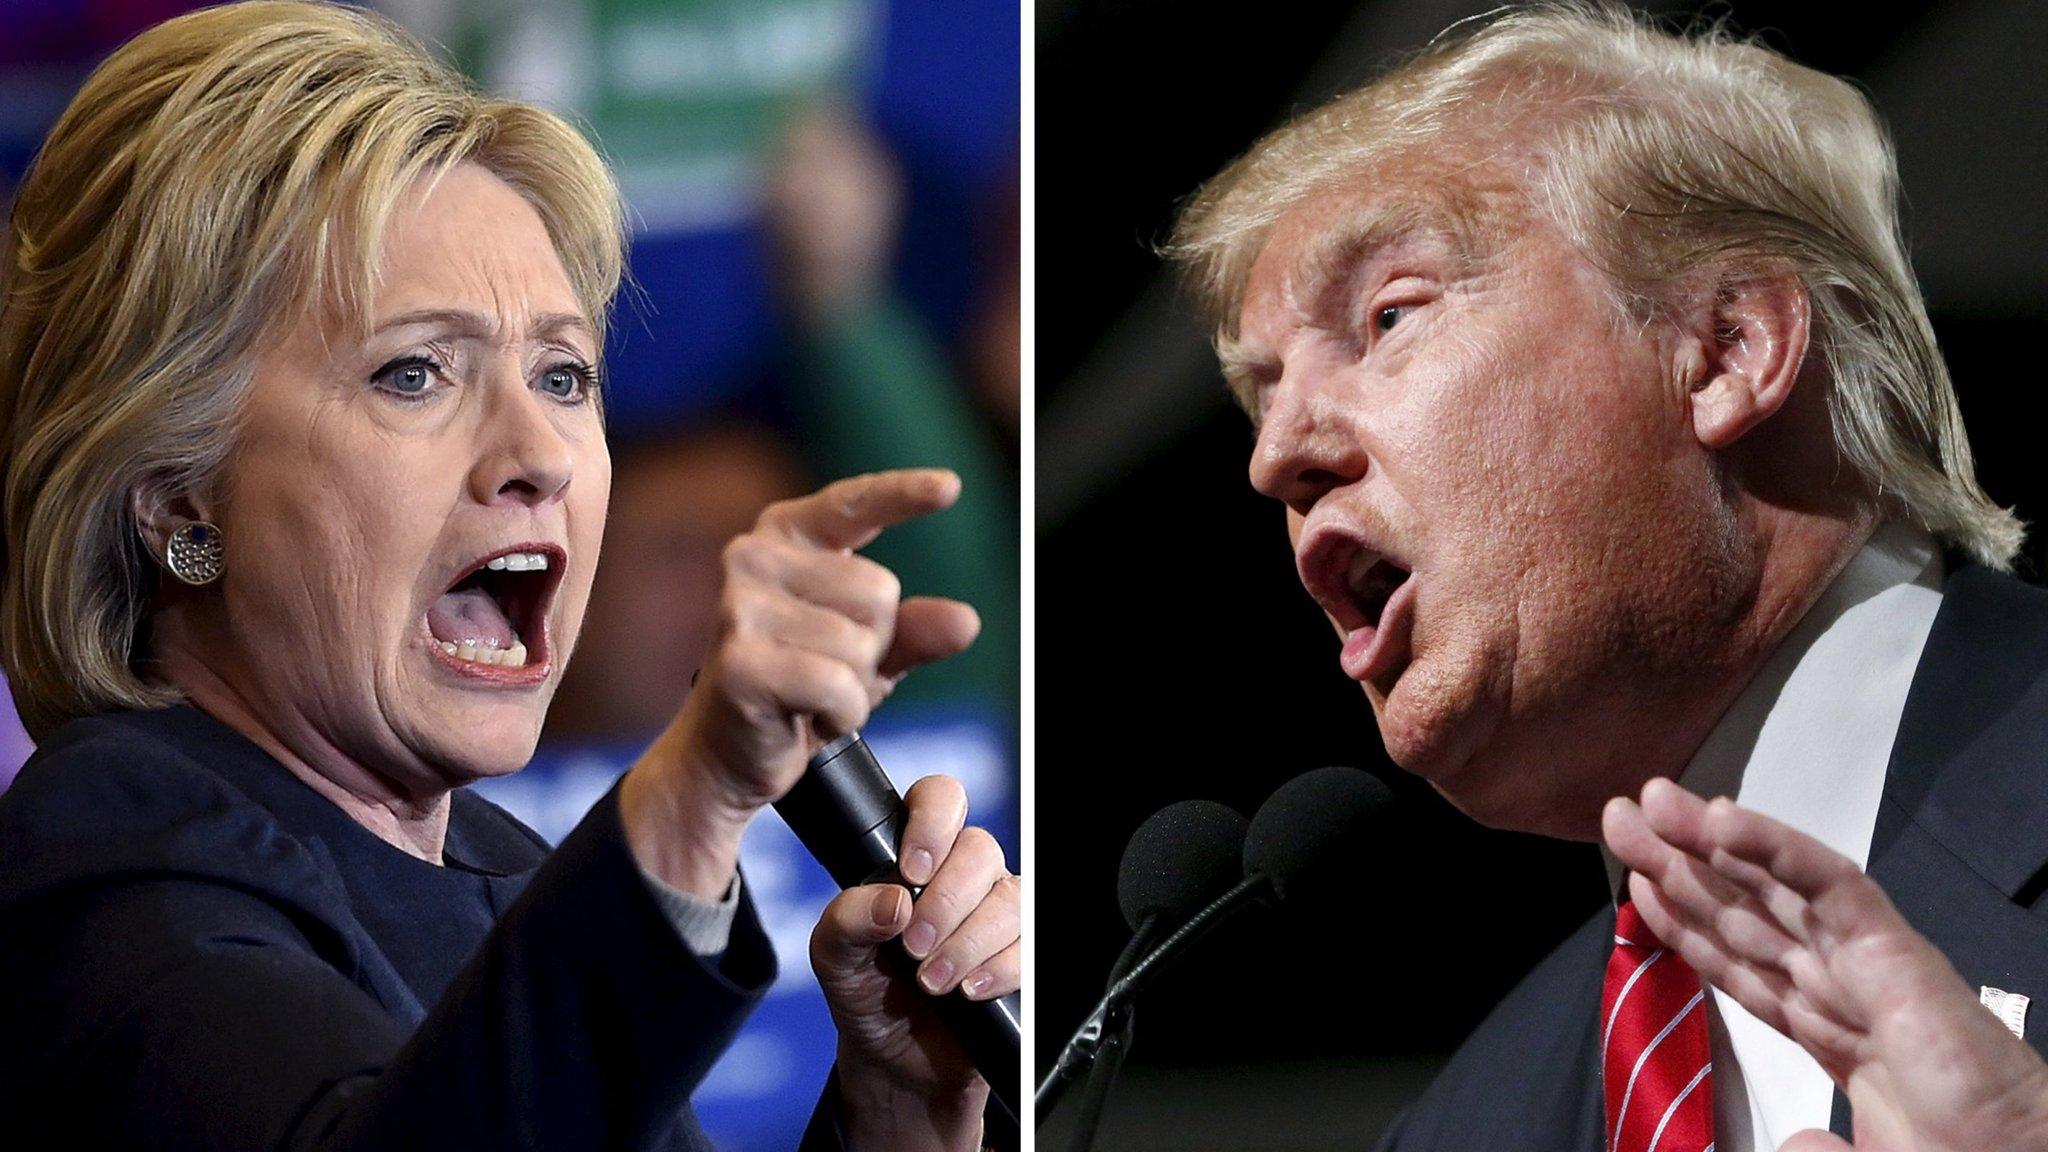 Casa Bianca, partita a scacchi: ecco le battaglie decisive Stato per Stato